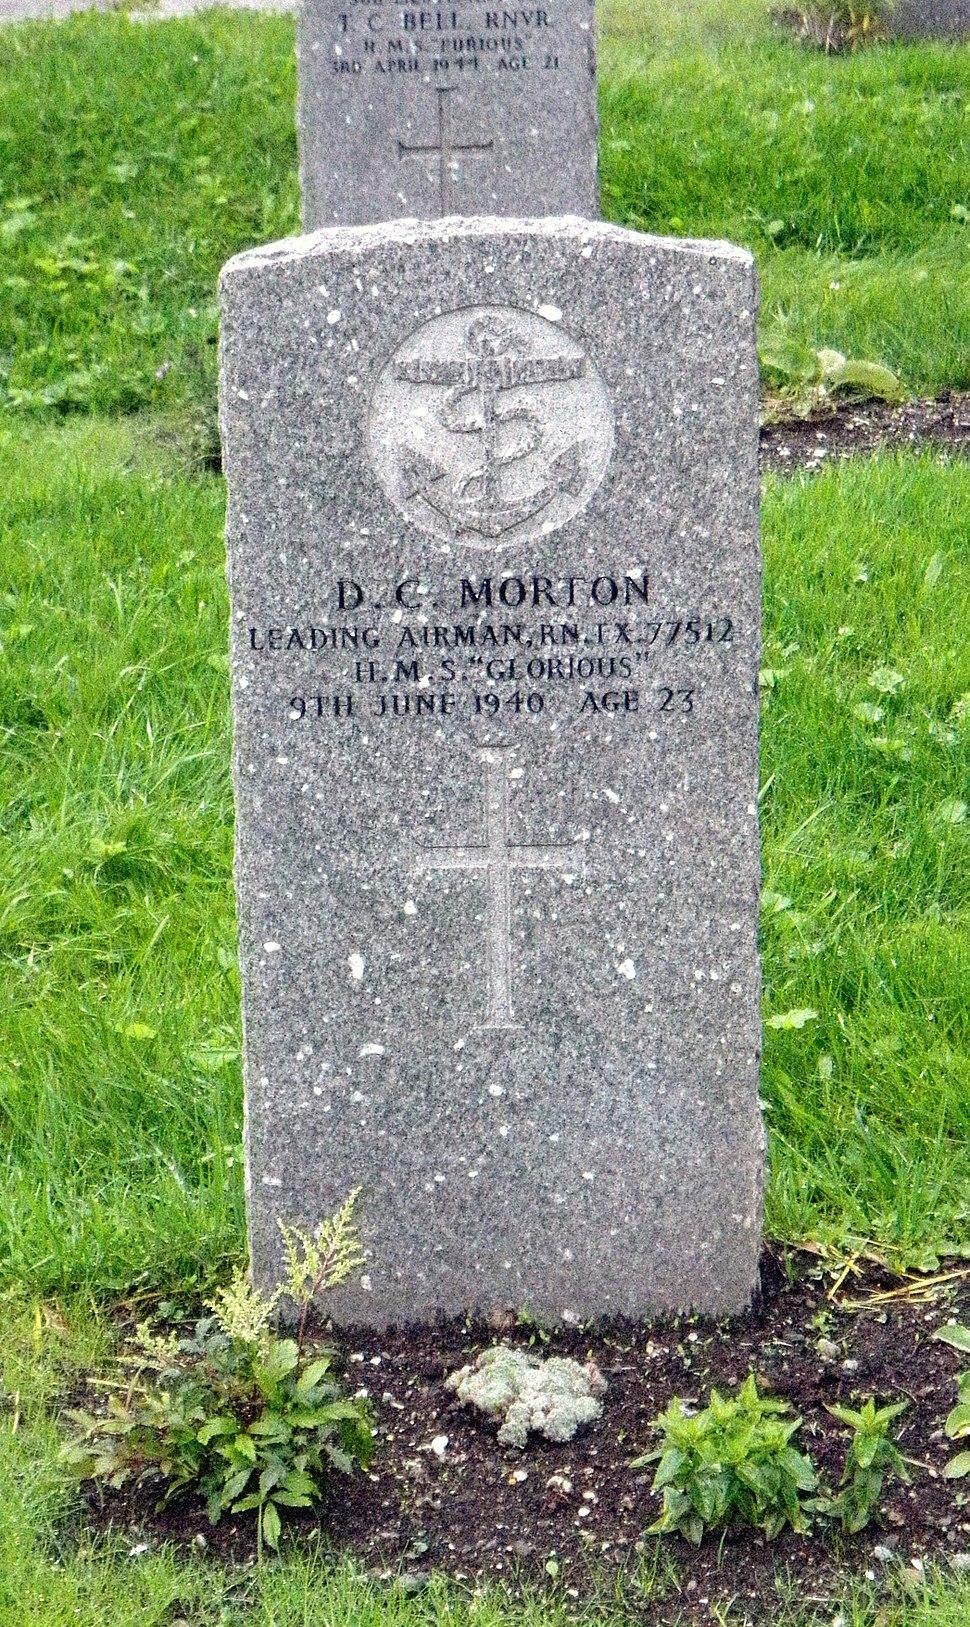 Commonwealth War Graves gravestone of D. C. Morton in Tromsø